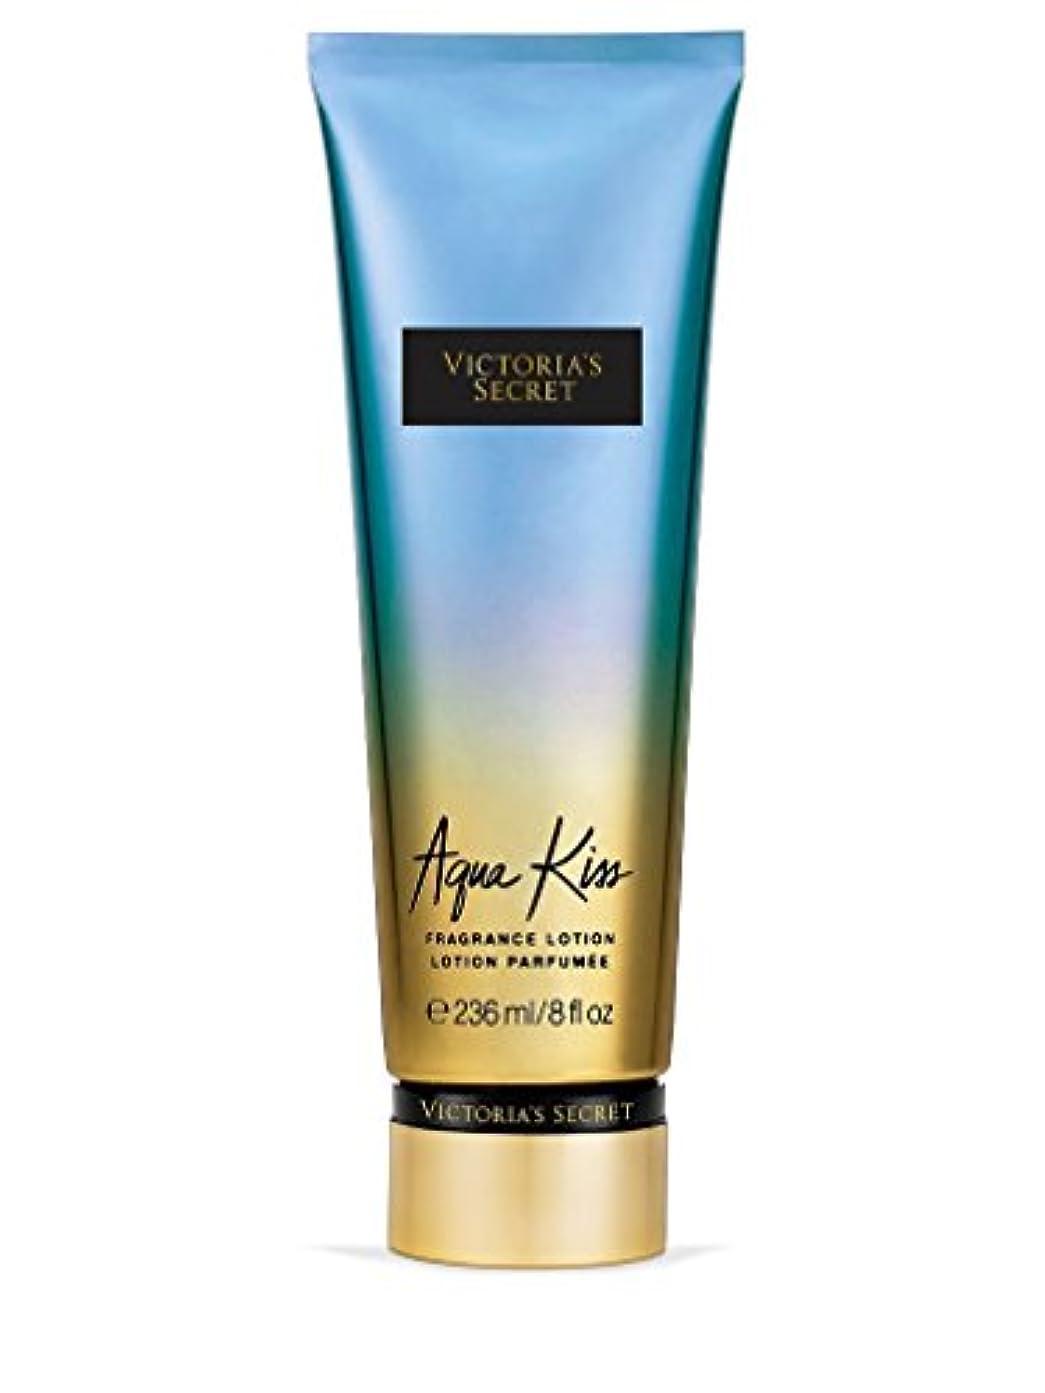 製油所急降下貧困VICTORIA'S SECRET ヴィクトリアシークレット/ビクトリアシークレット アクアキス フレグランスローション ( 96F-Aqua Kiss ) Aqua Kiss Fragrance Lotion